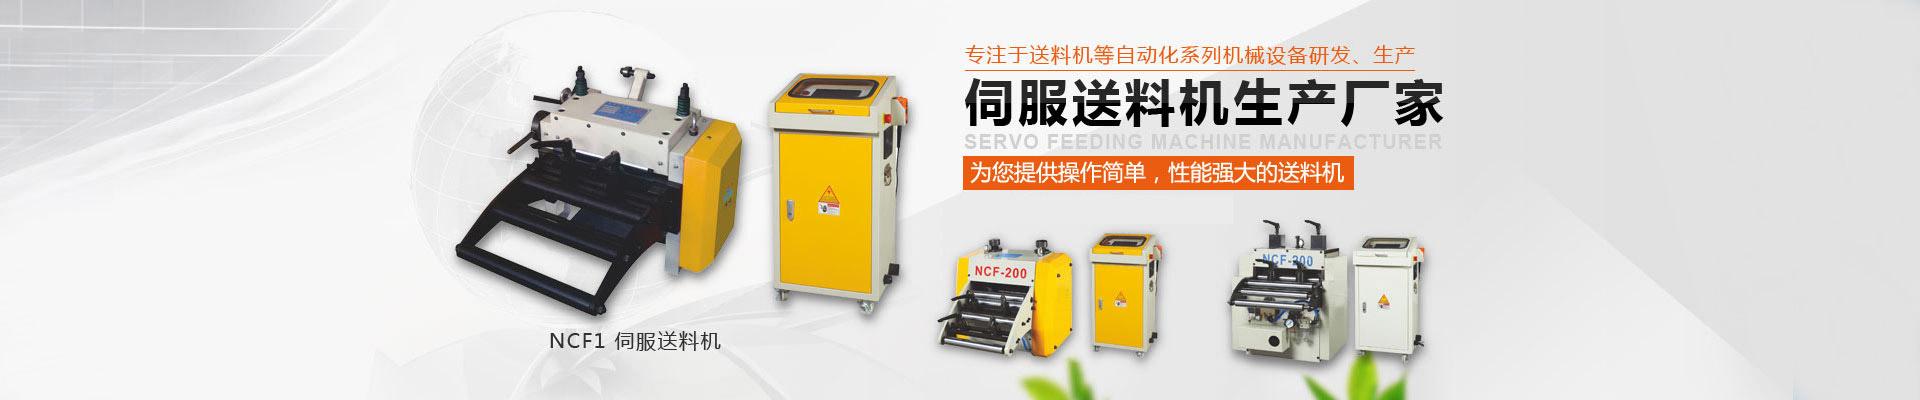 新速力生产销售各种型号伺服送料机